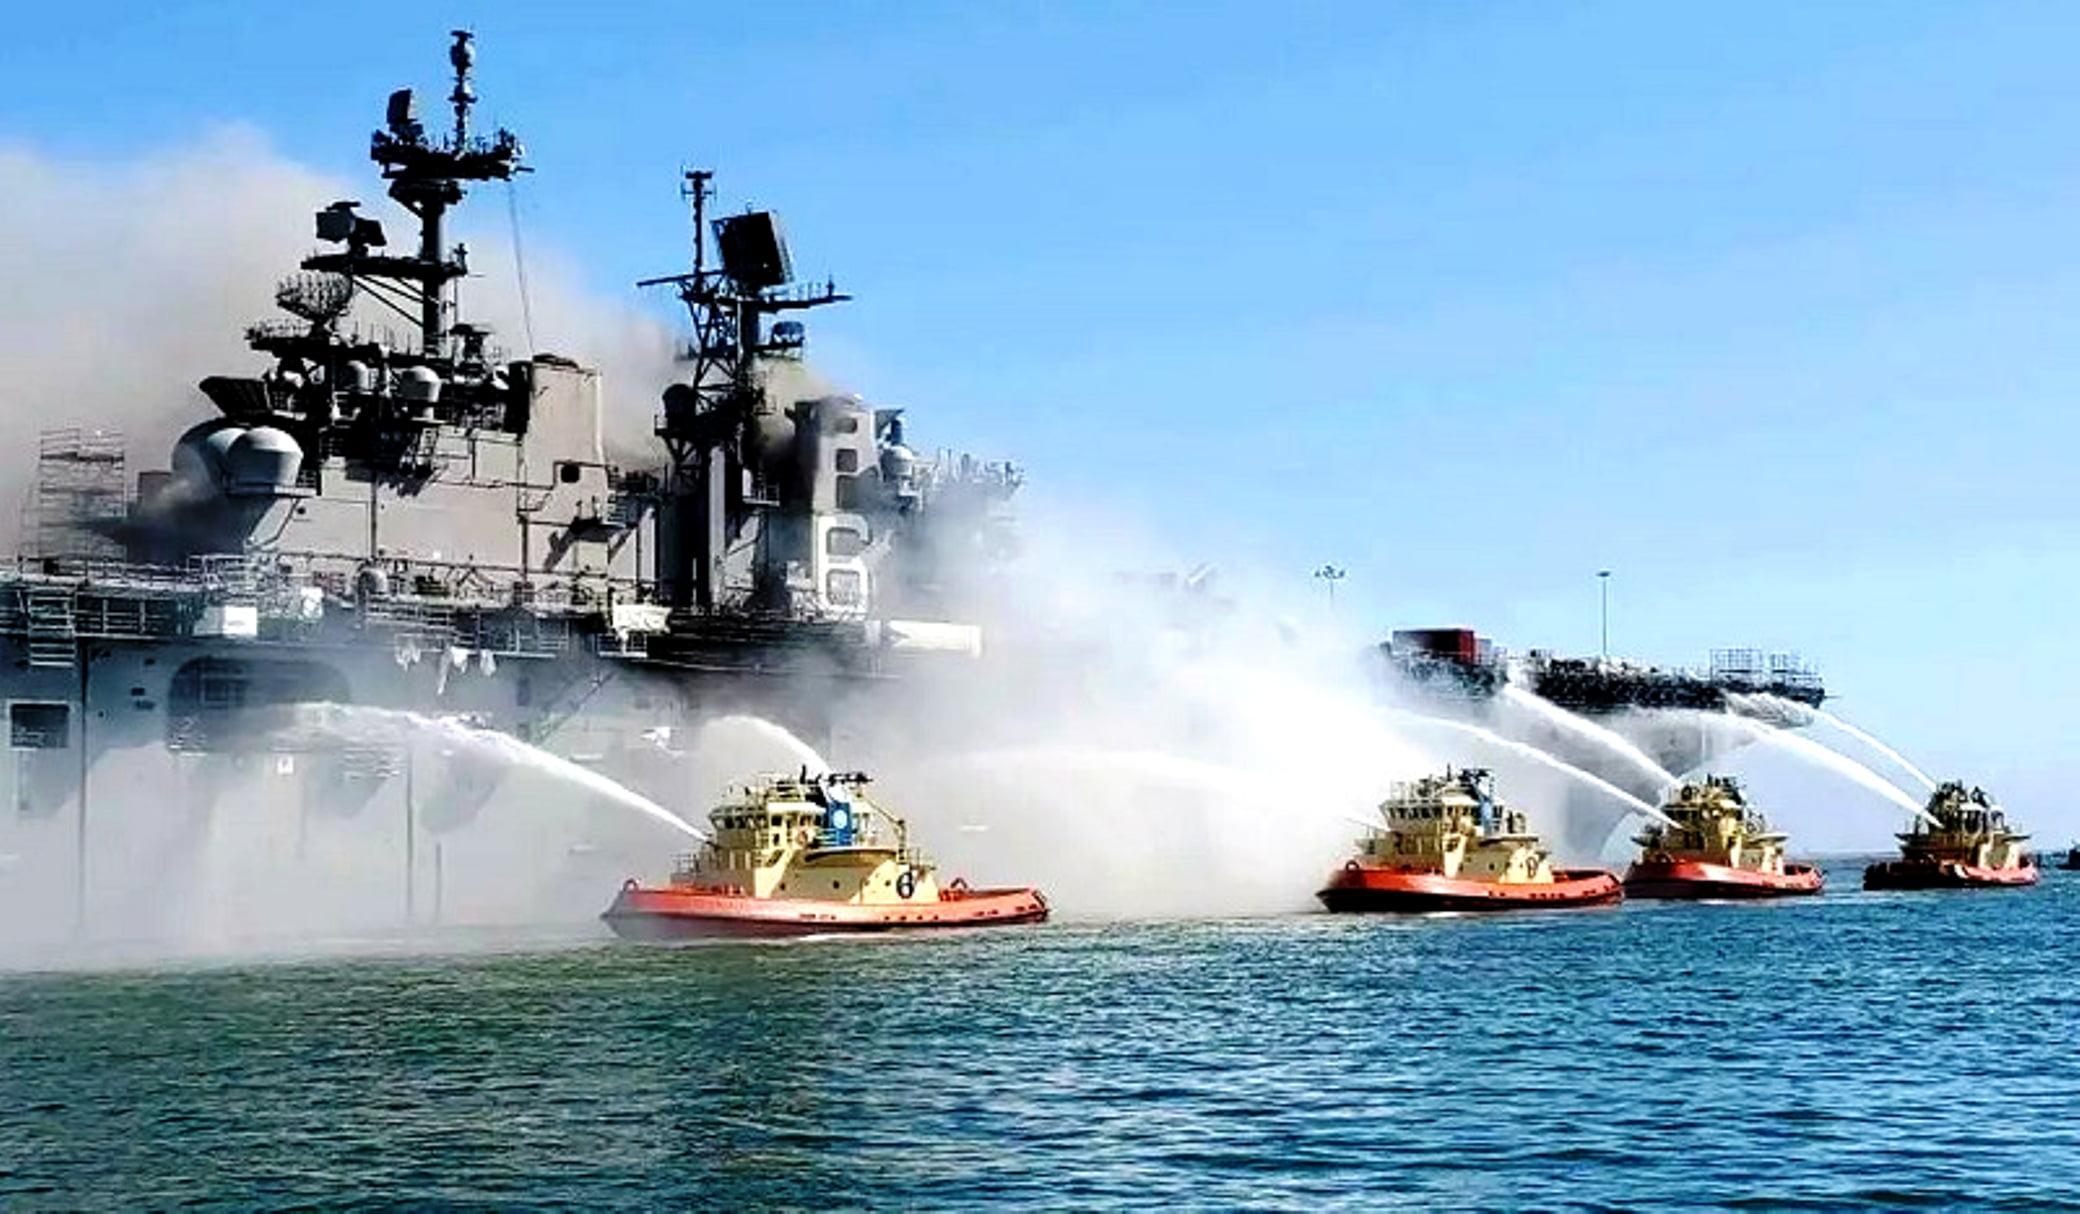 ΗΠΑ: Πλήρη συσκότιση για την αιτία της έκρηξης στο USS Bonhomme Richard